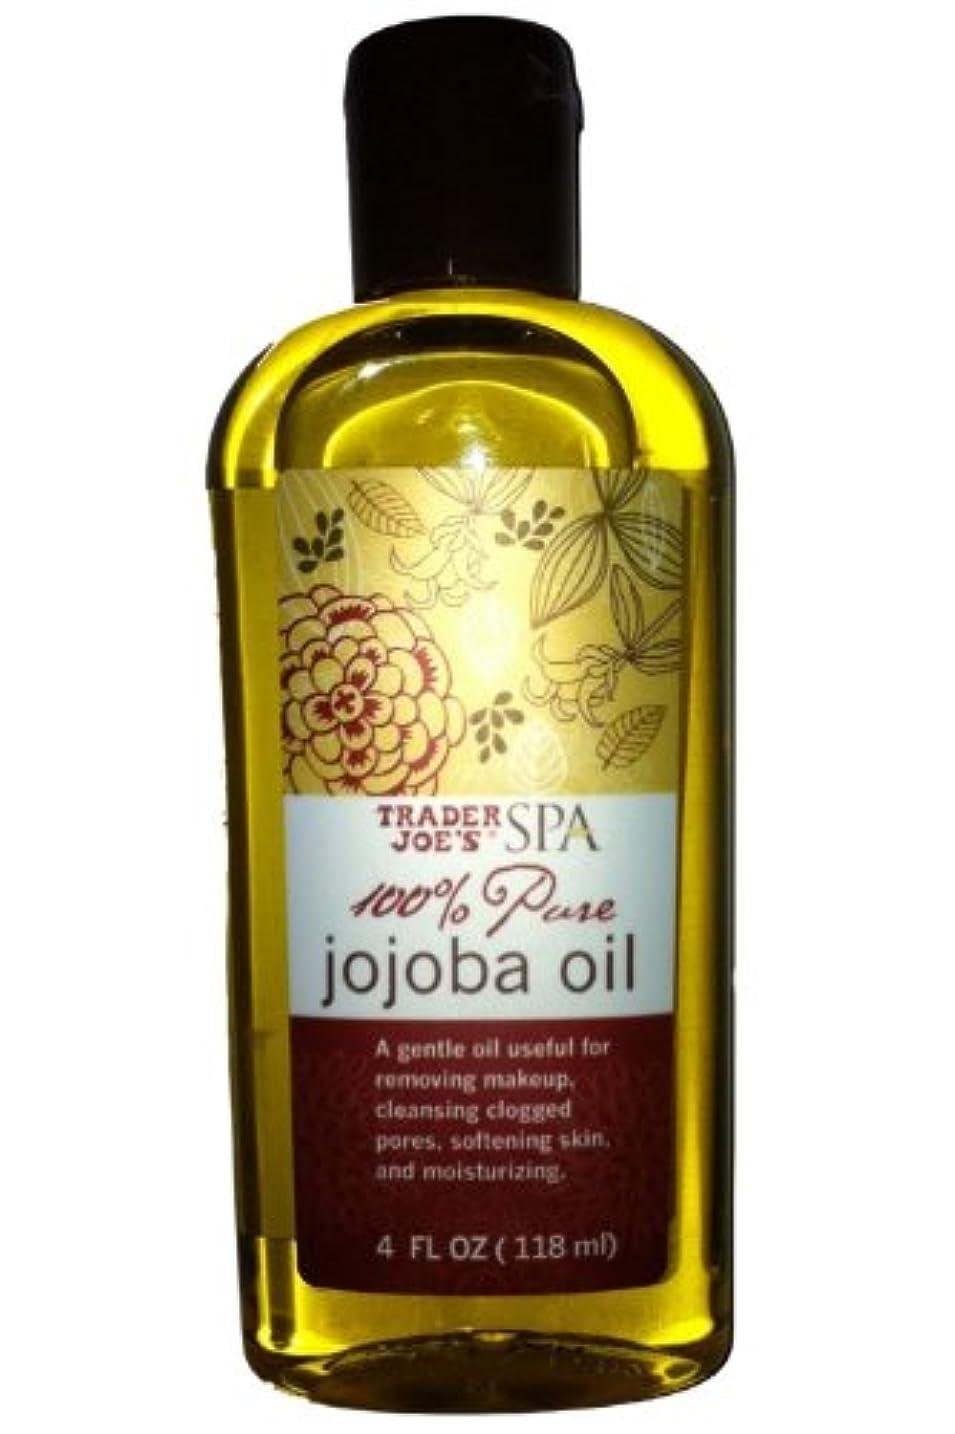 枯れる不注意アルバムトレーダージョーズ 100%ピュア ホホバオイル[並行輸入品] Trader Joe's SPA 100% Pure Jojoba Oil (4FL OZ/118ml)